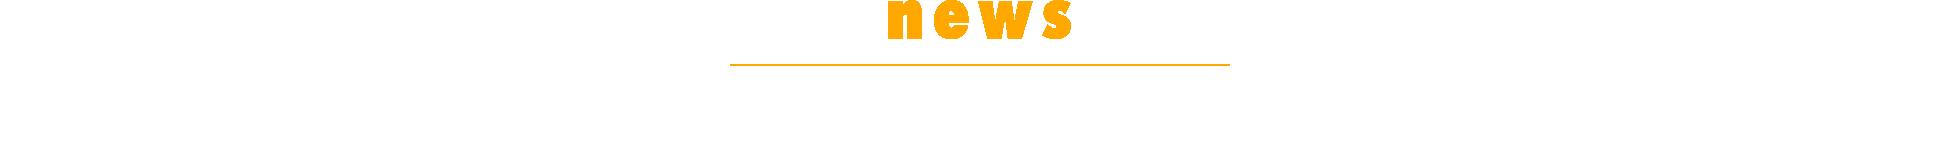 ttl_news